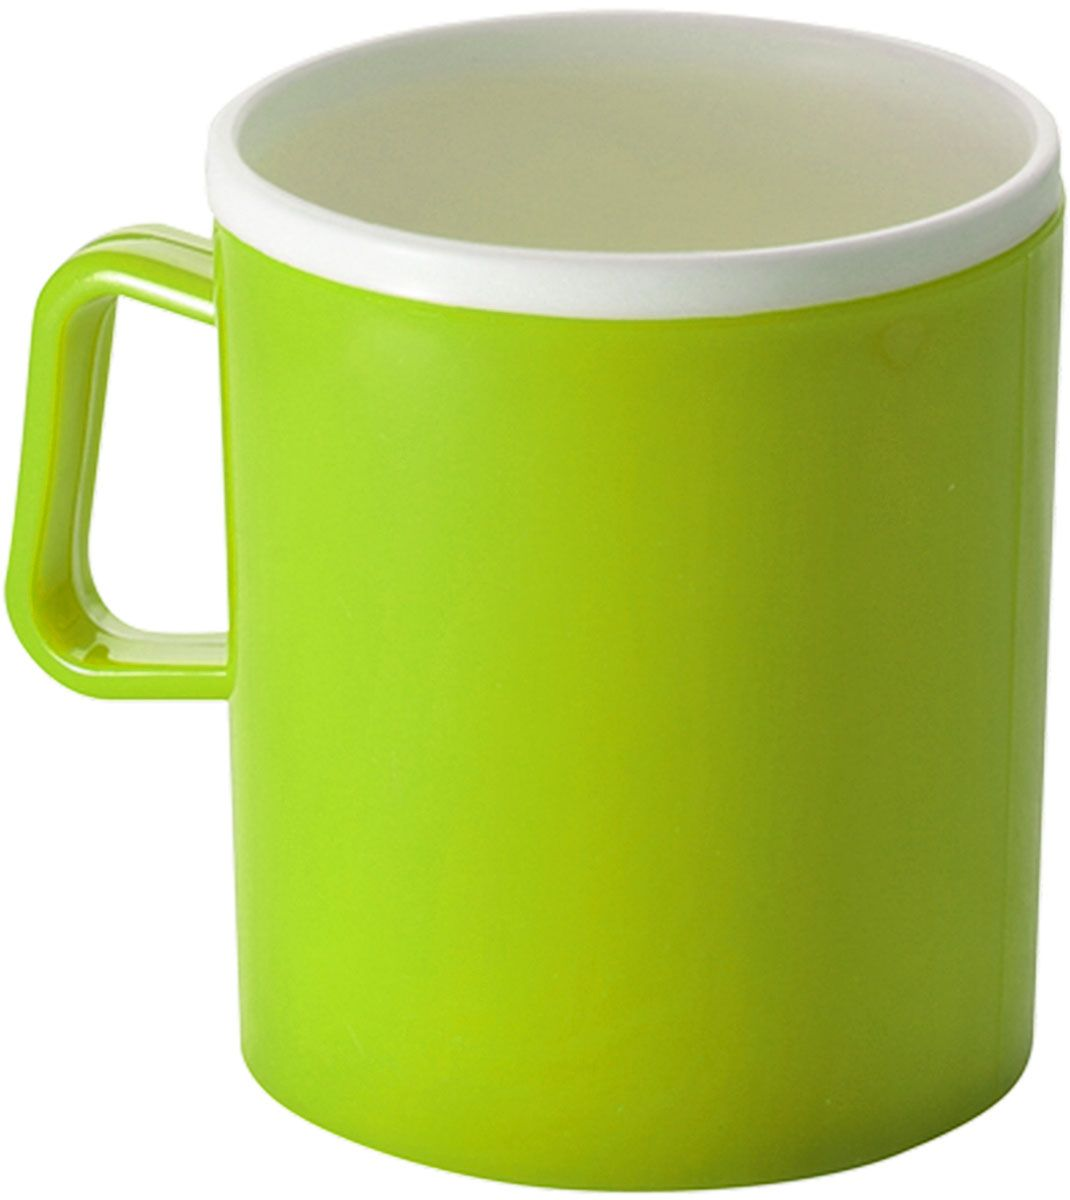 Термокружка Plastic Centre, двойная, цвет: светло-зеленый, 350 млПЦ1120ЛМТермокружка Plastic Centre с двойными стенками предназначена для горячих напитков и прекрасно сохраняет их температуру. Прочный пластик подходит для многократного использования. Легкую кружку удобно взять с собой на природу или в поездку. Можно мыть в посудомоечной машине.Объем кружки: 350 мл.Высота кружки: 10 см.